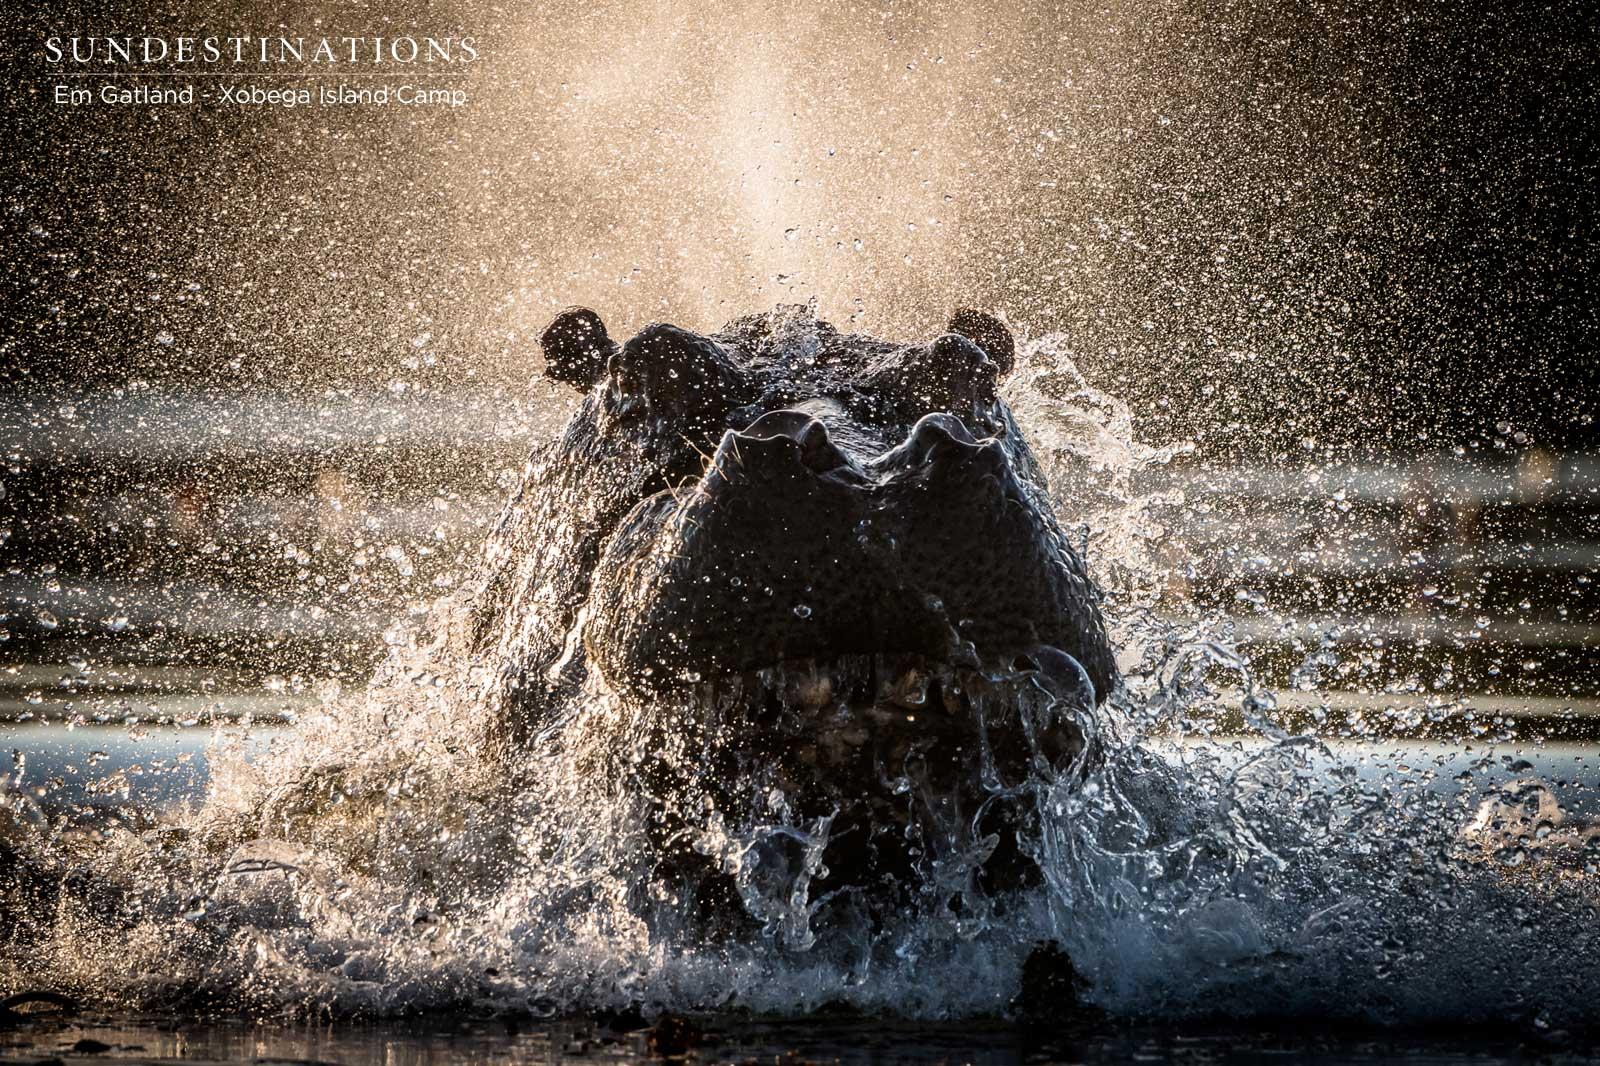 Xobega Hippo Water